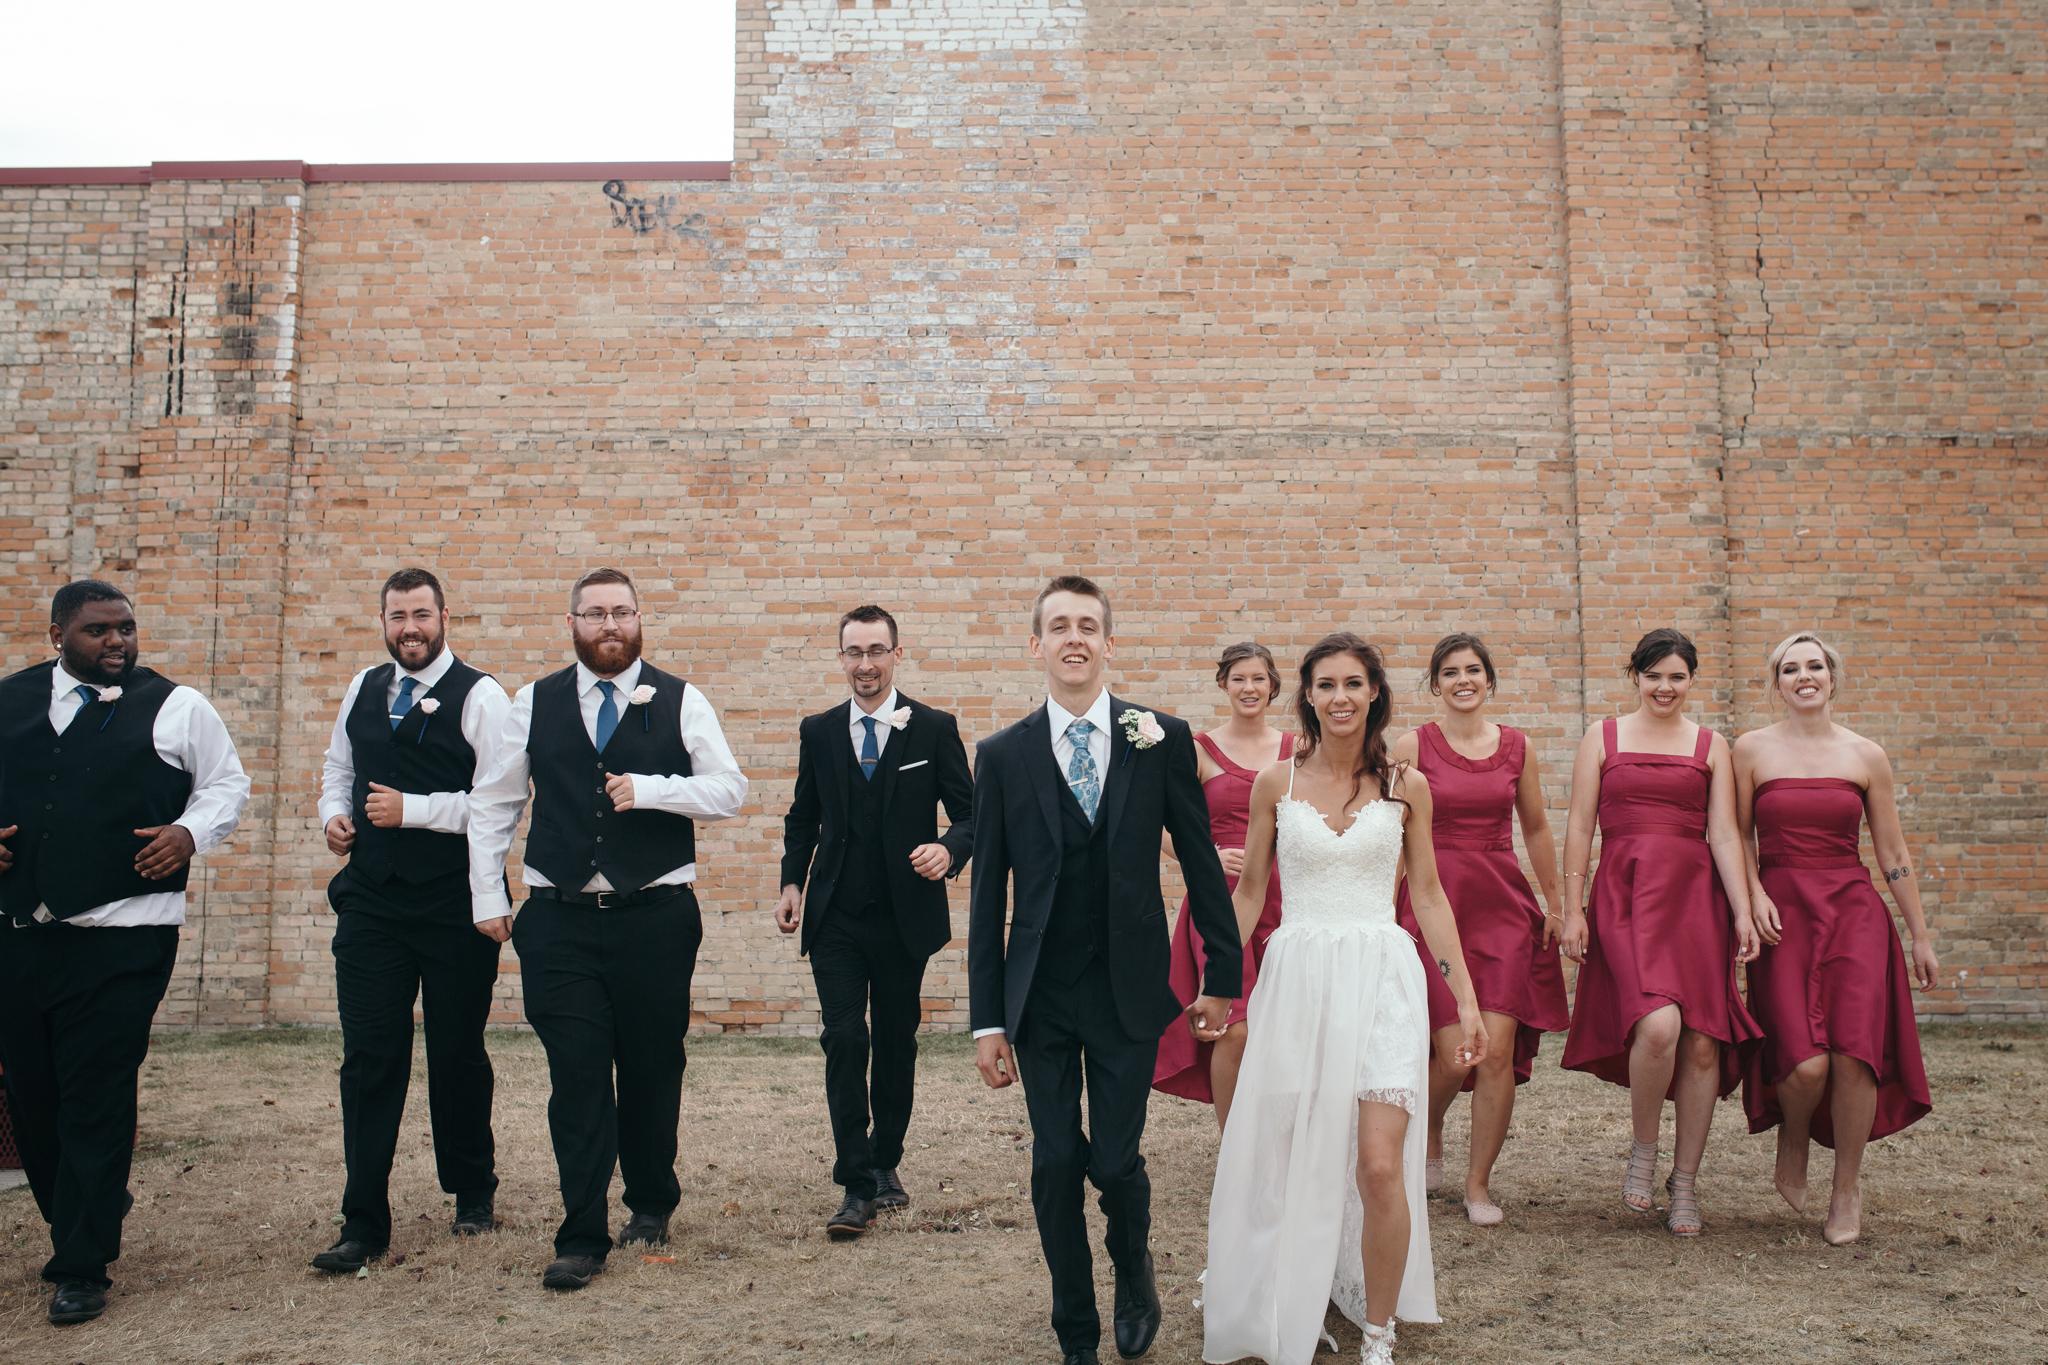 Ingram_Wedding_72-150.jpg